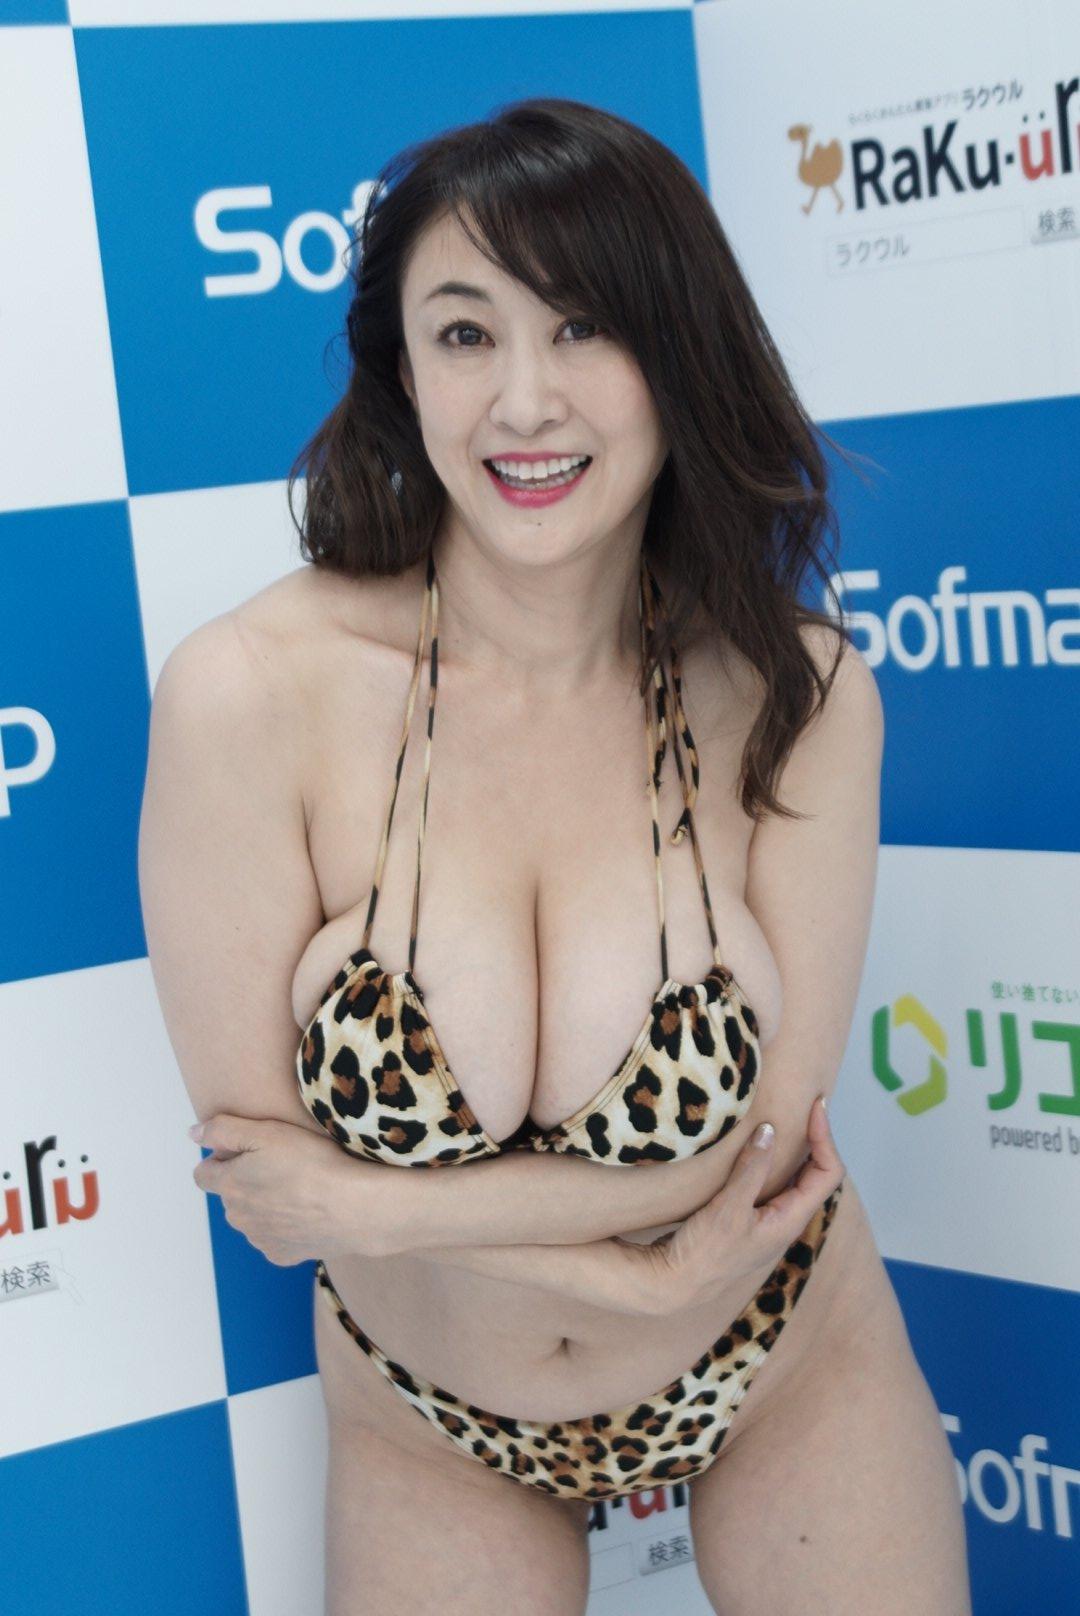 【画像】ソフマップ、またまた巨乳の女の子を発掘wwww